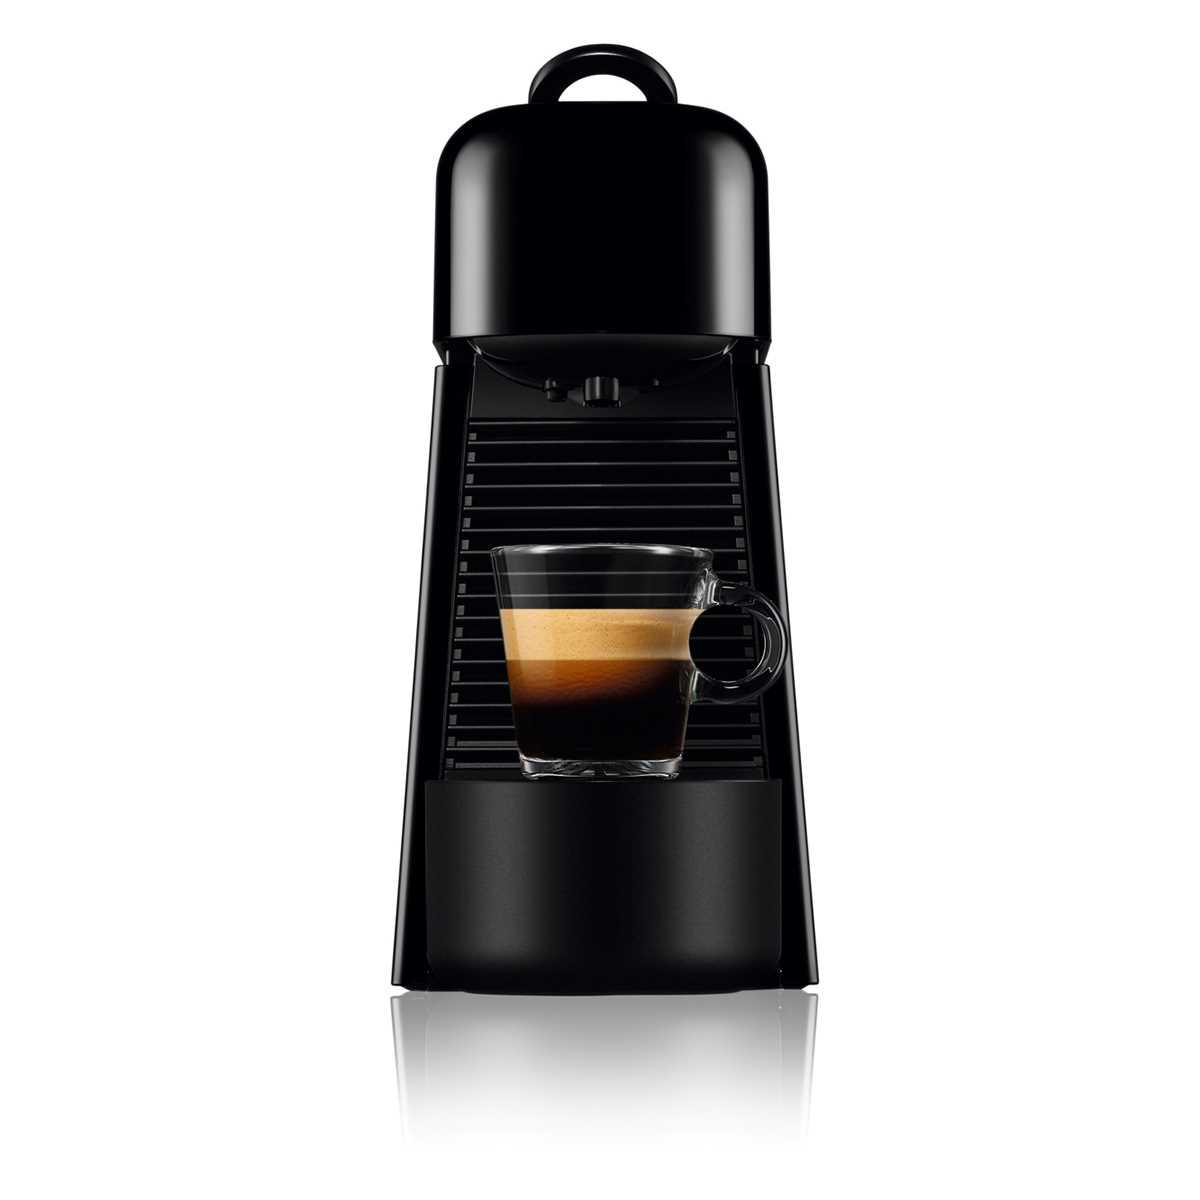 מכונת אספרסו Nespresso Essenza D45 Plus נספרסו - תמונה 2